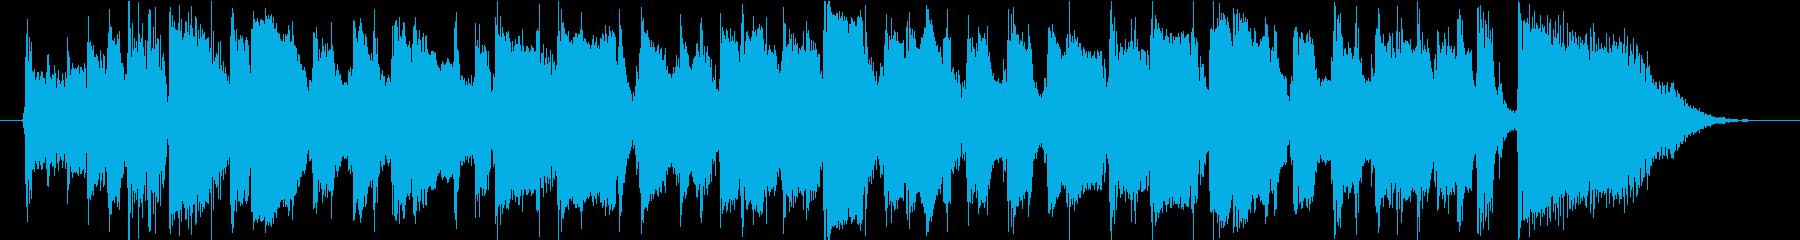 GS・昭和ロックなギターリフの再生済みの波形